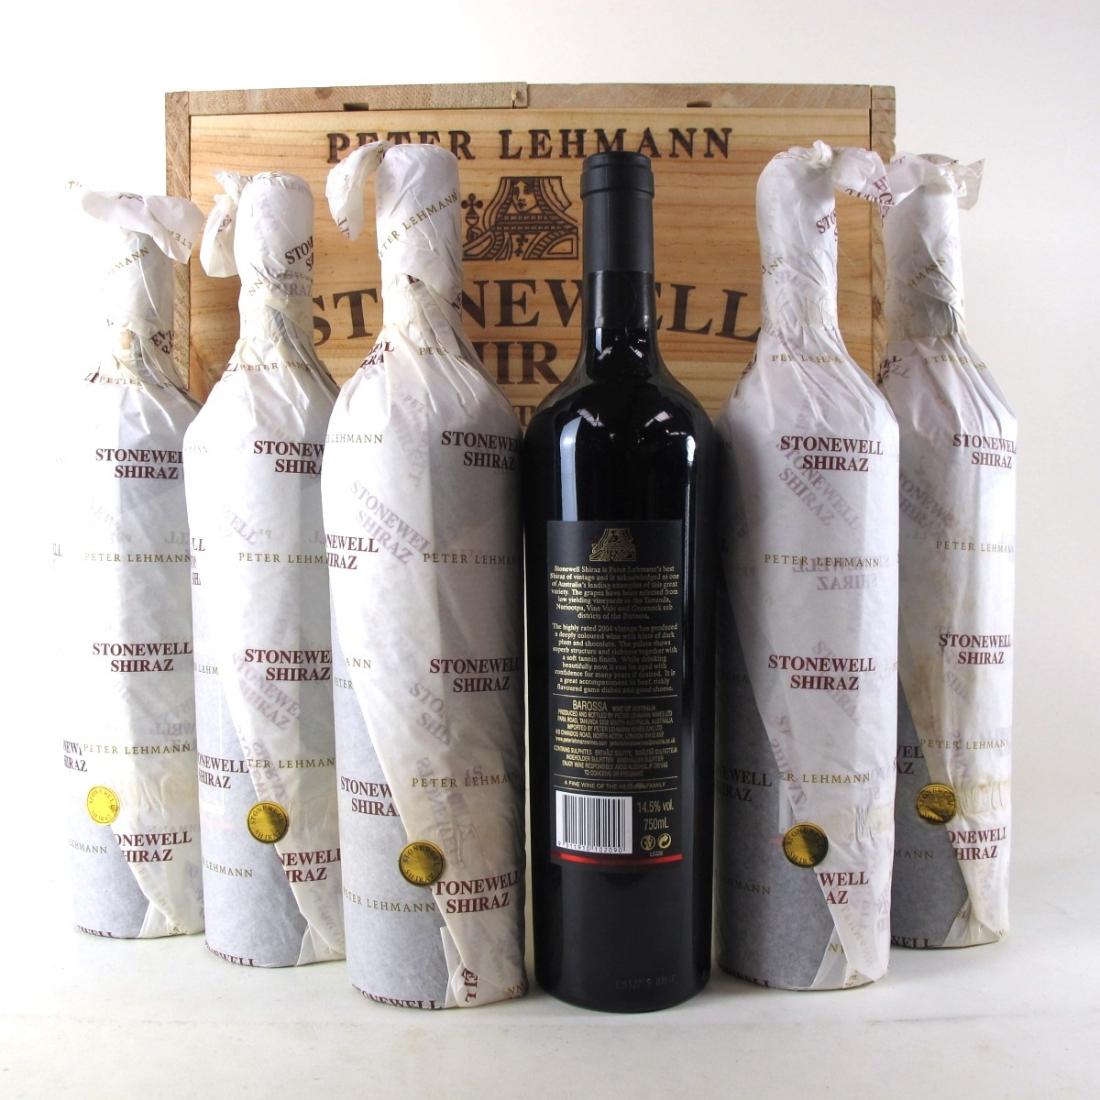 """Peter Lehmann """"Stonewell"""" Shiraz 2004 Barossa 6x75cl / Original Wooden Case"""